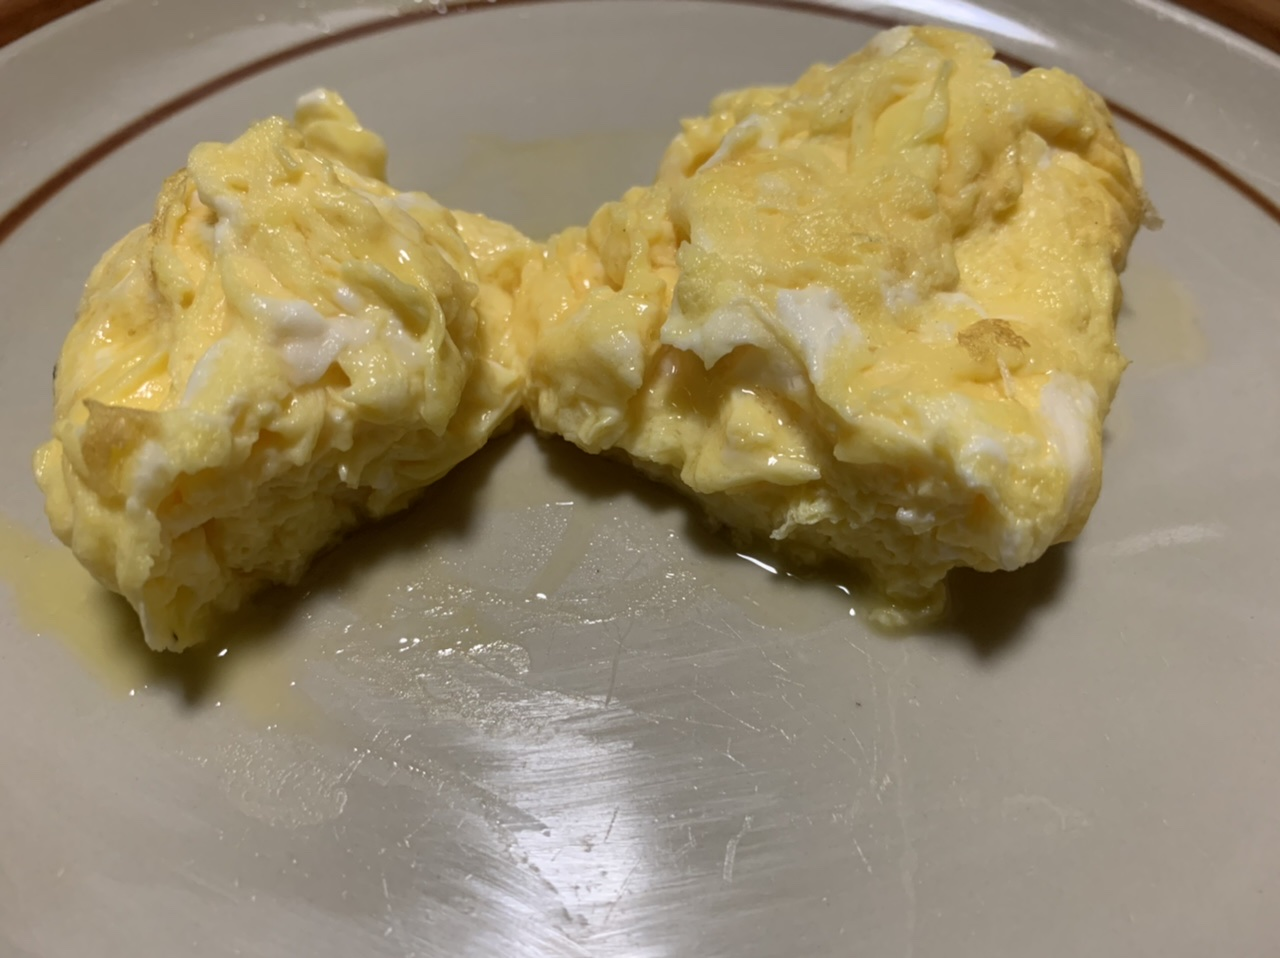 春ノ嶺30秒クッキング 卵焼き器不使用で厚焼き卵っぽい形状でスクランブルエッグみたいな食感の出る厚焼き卵でもスクランブルエッグでもない何かの挿絵3